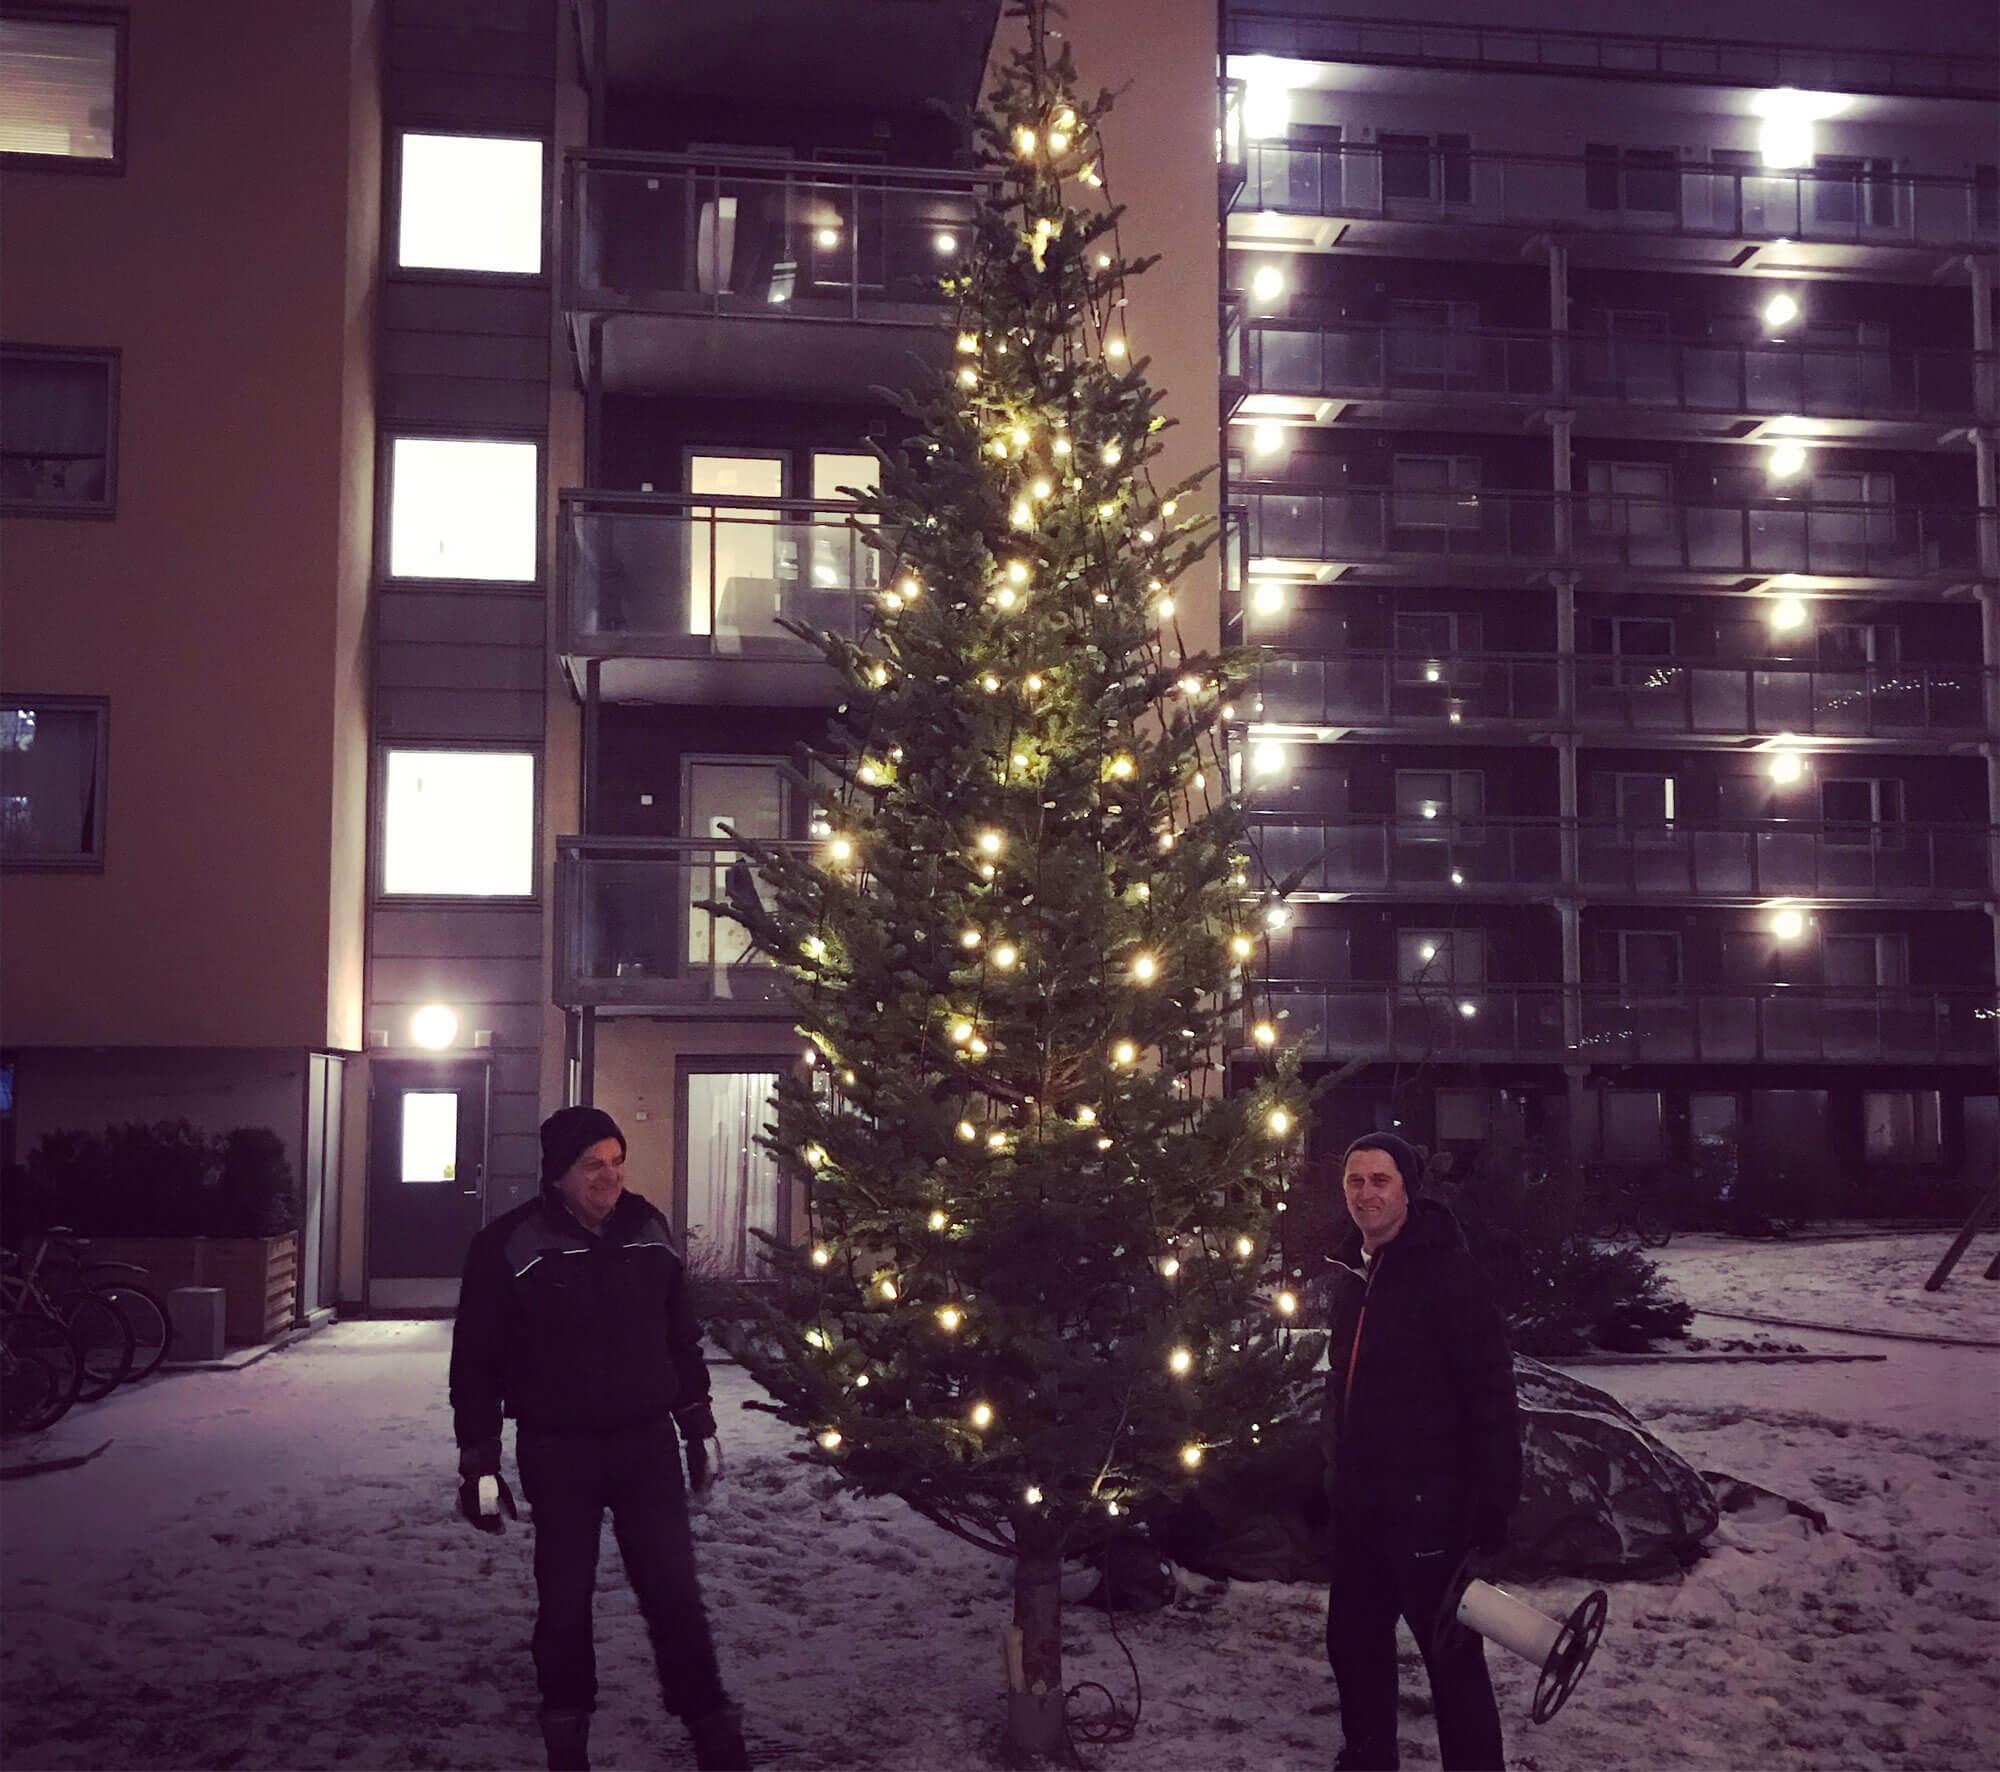 Stort juletre utenfor leilighetsbygg